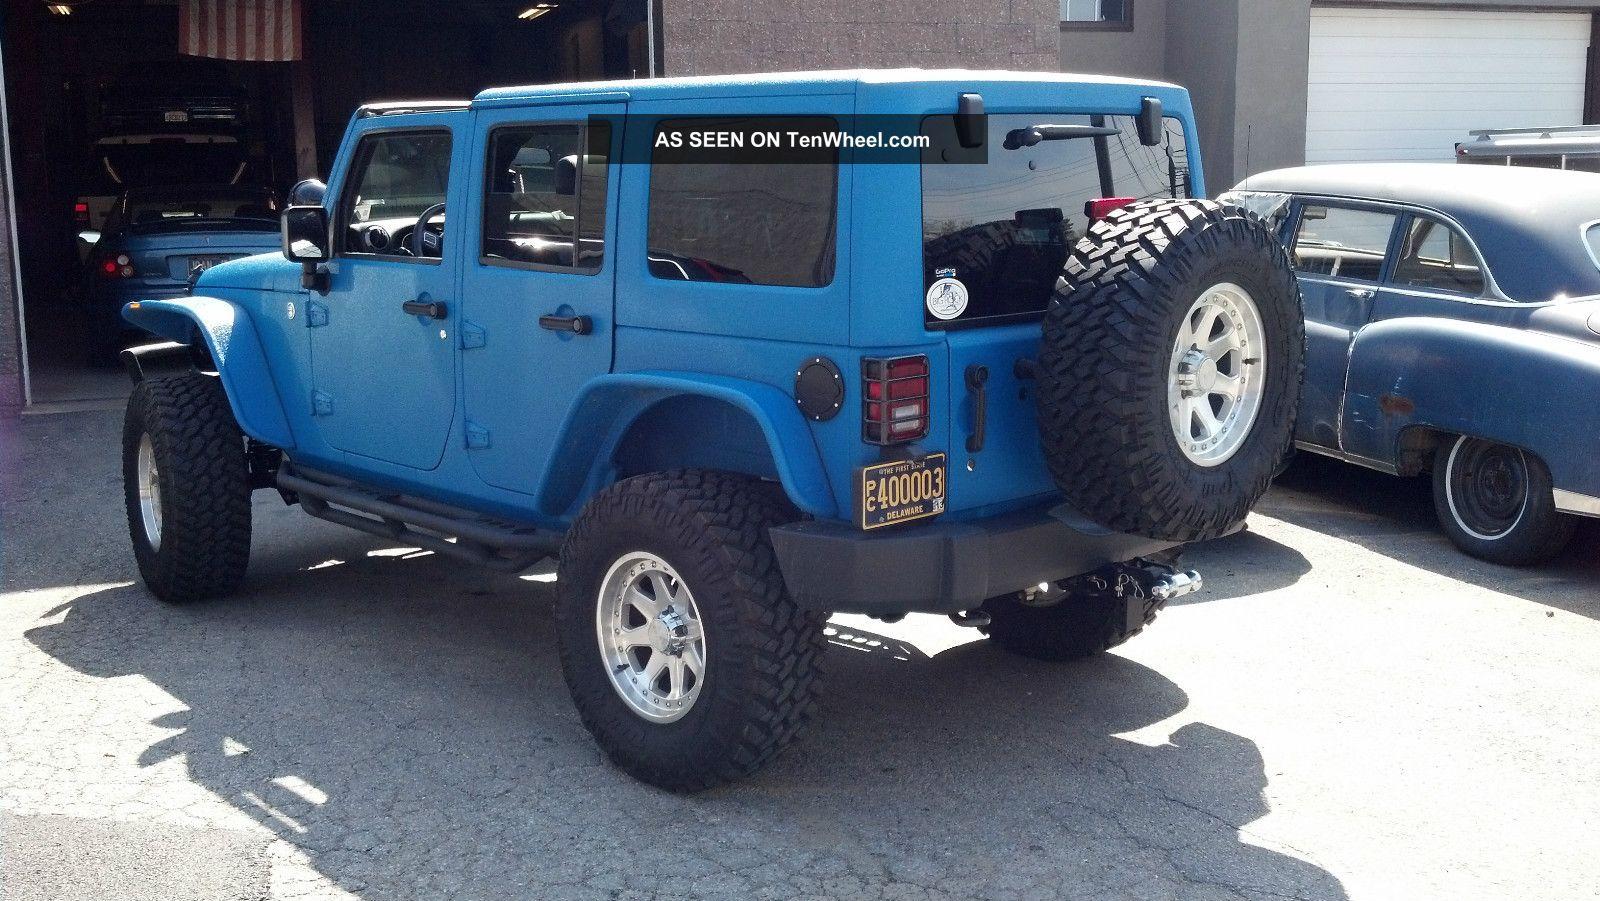 2012 jeep wrangler unlimited 4 door 3 6l kevlar finish by starwood. Black Bedroom Furniture Sets. Home Design Ideas